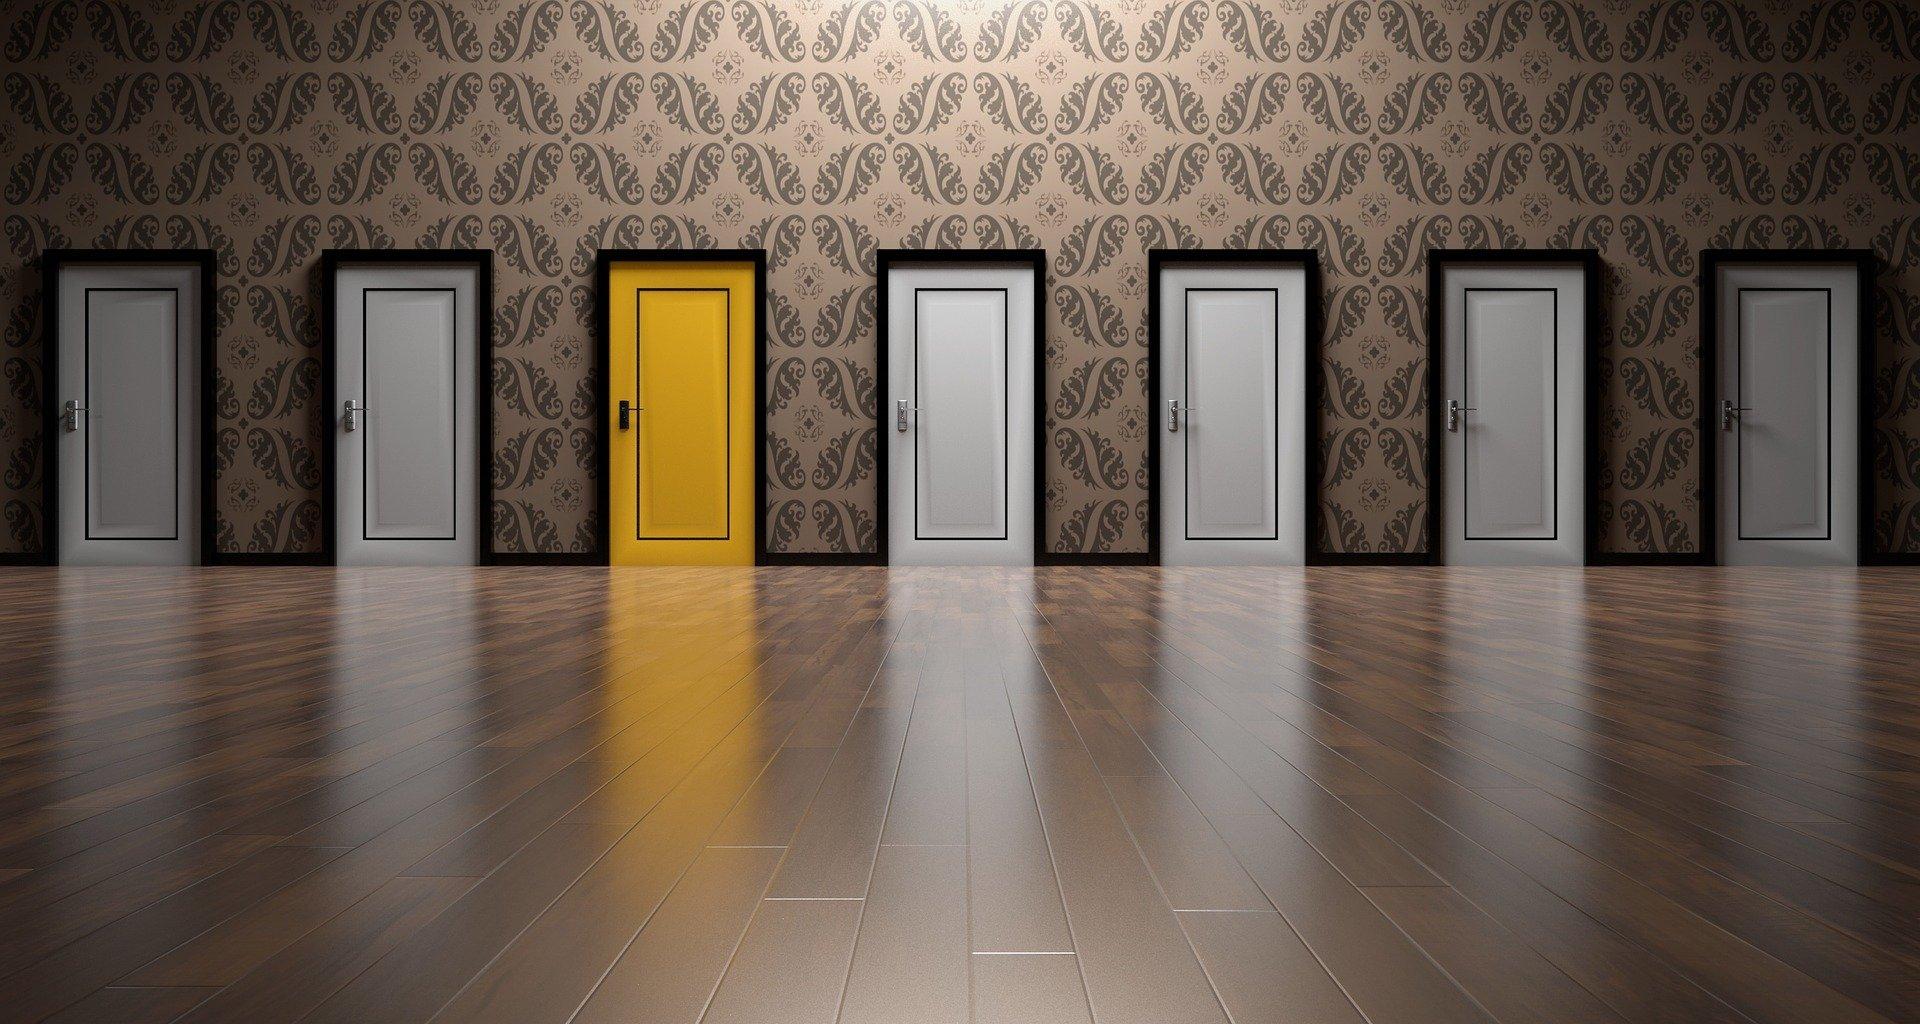 هوية بصرية ناجحة التميز نصائح لإنشاء هوية بصرية ناجحة لعلامتك التجارية